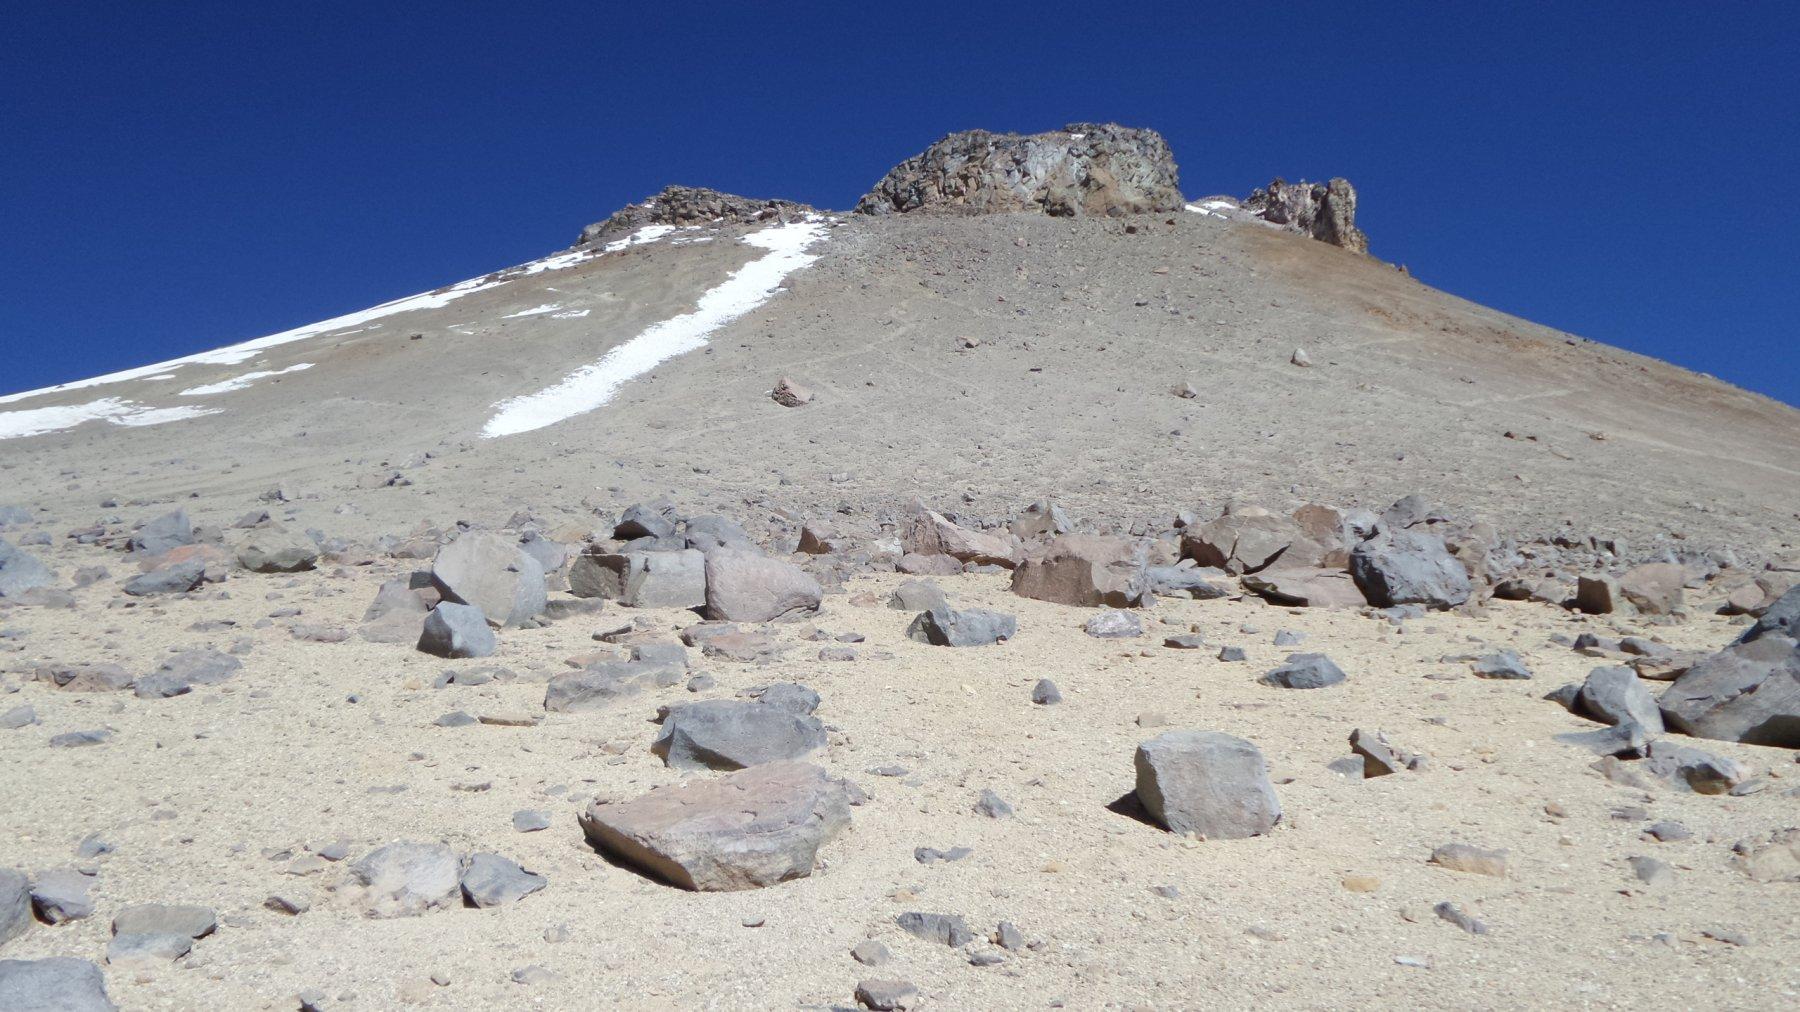 l'enorme e ripida pietraia dove si svolge l'itinerario di salita all'Uturuncu